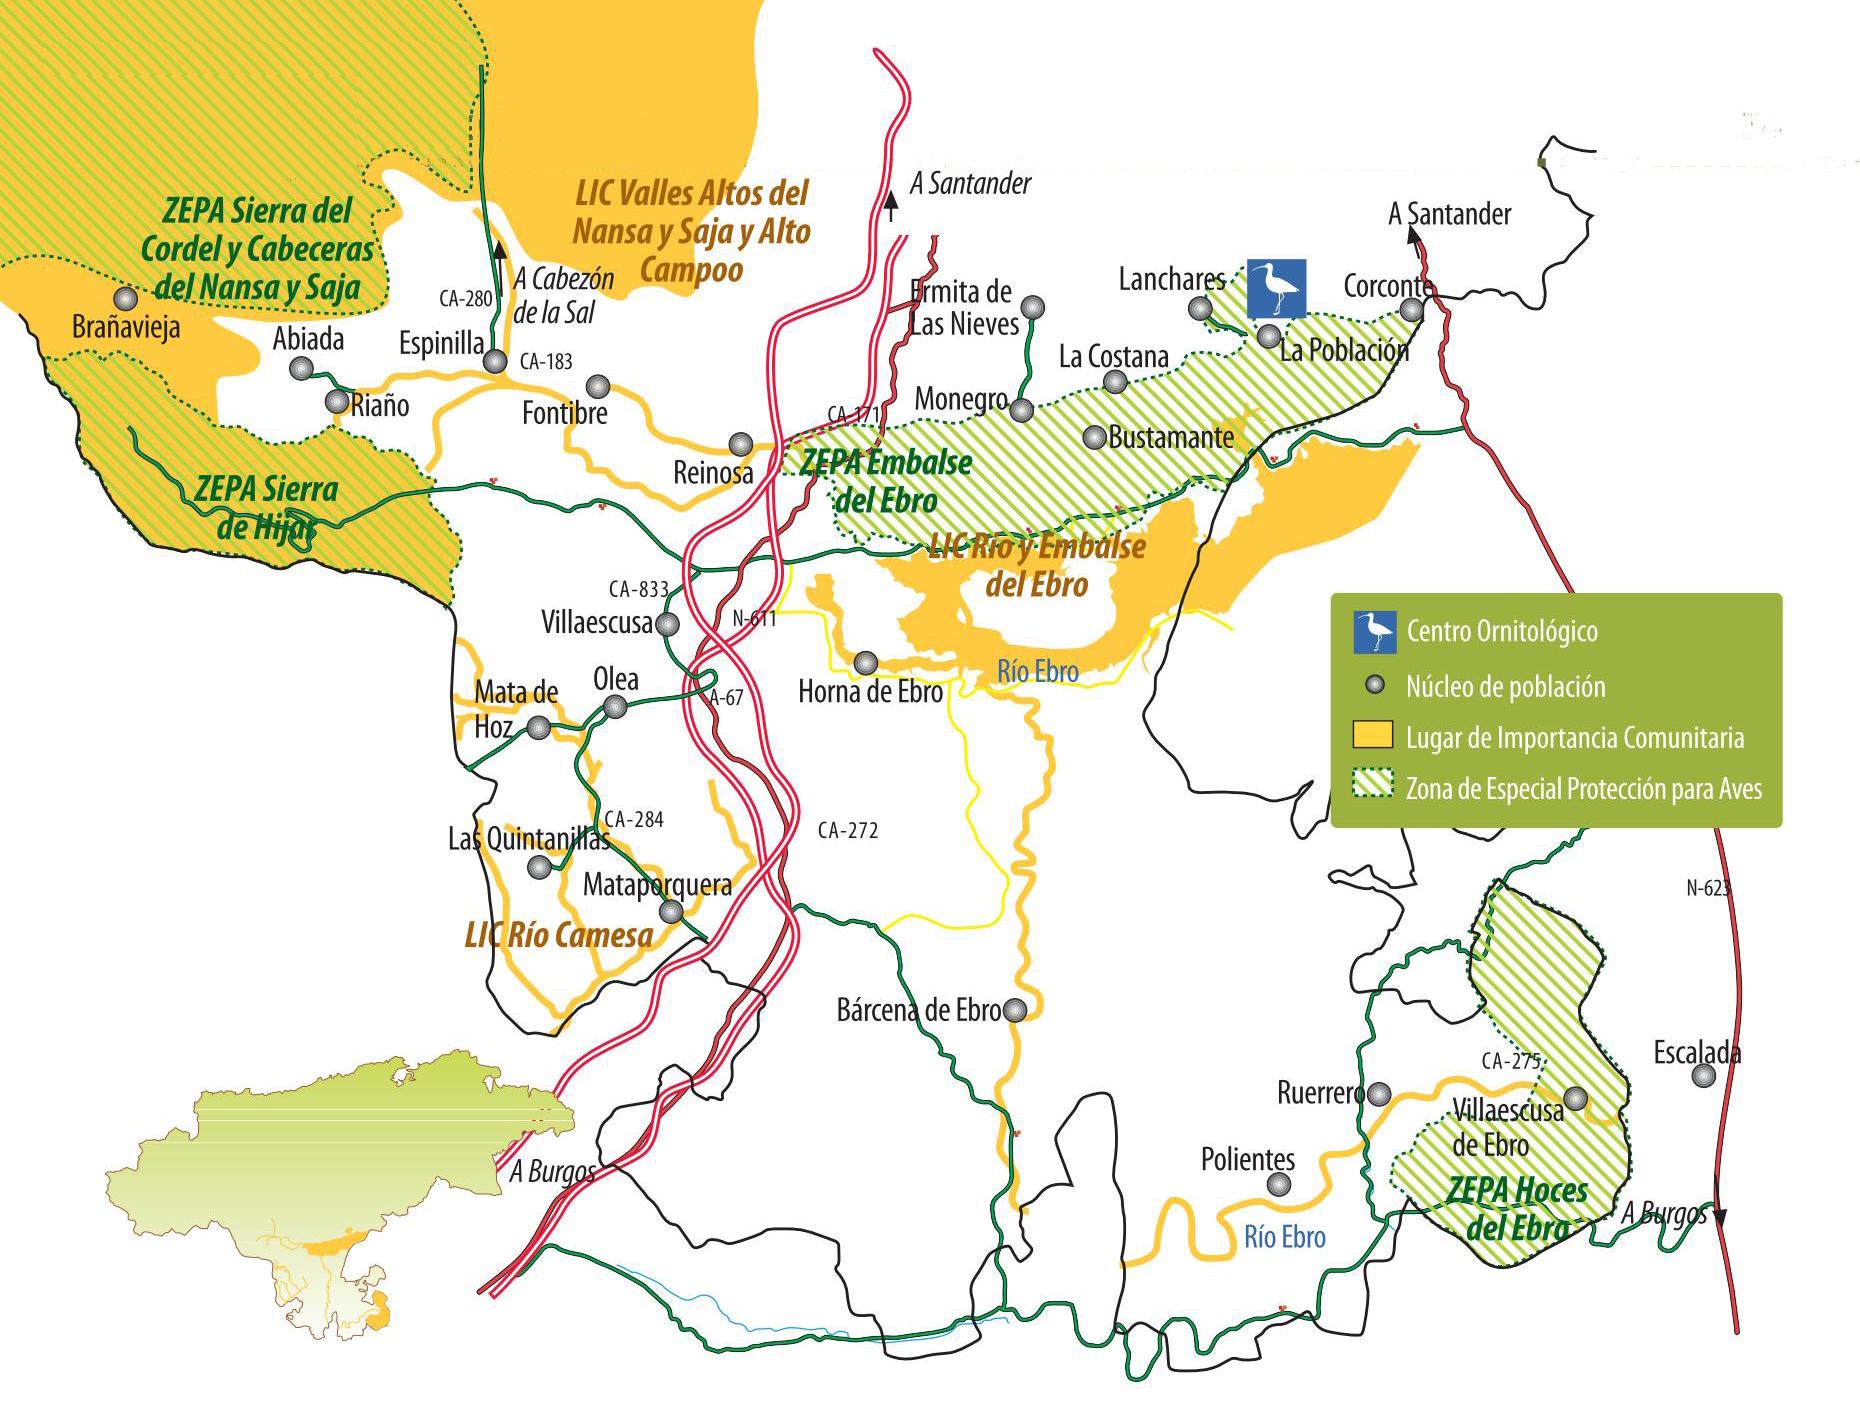 mapa campoo